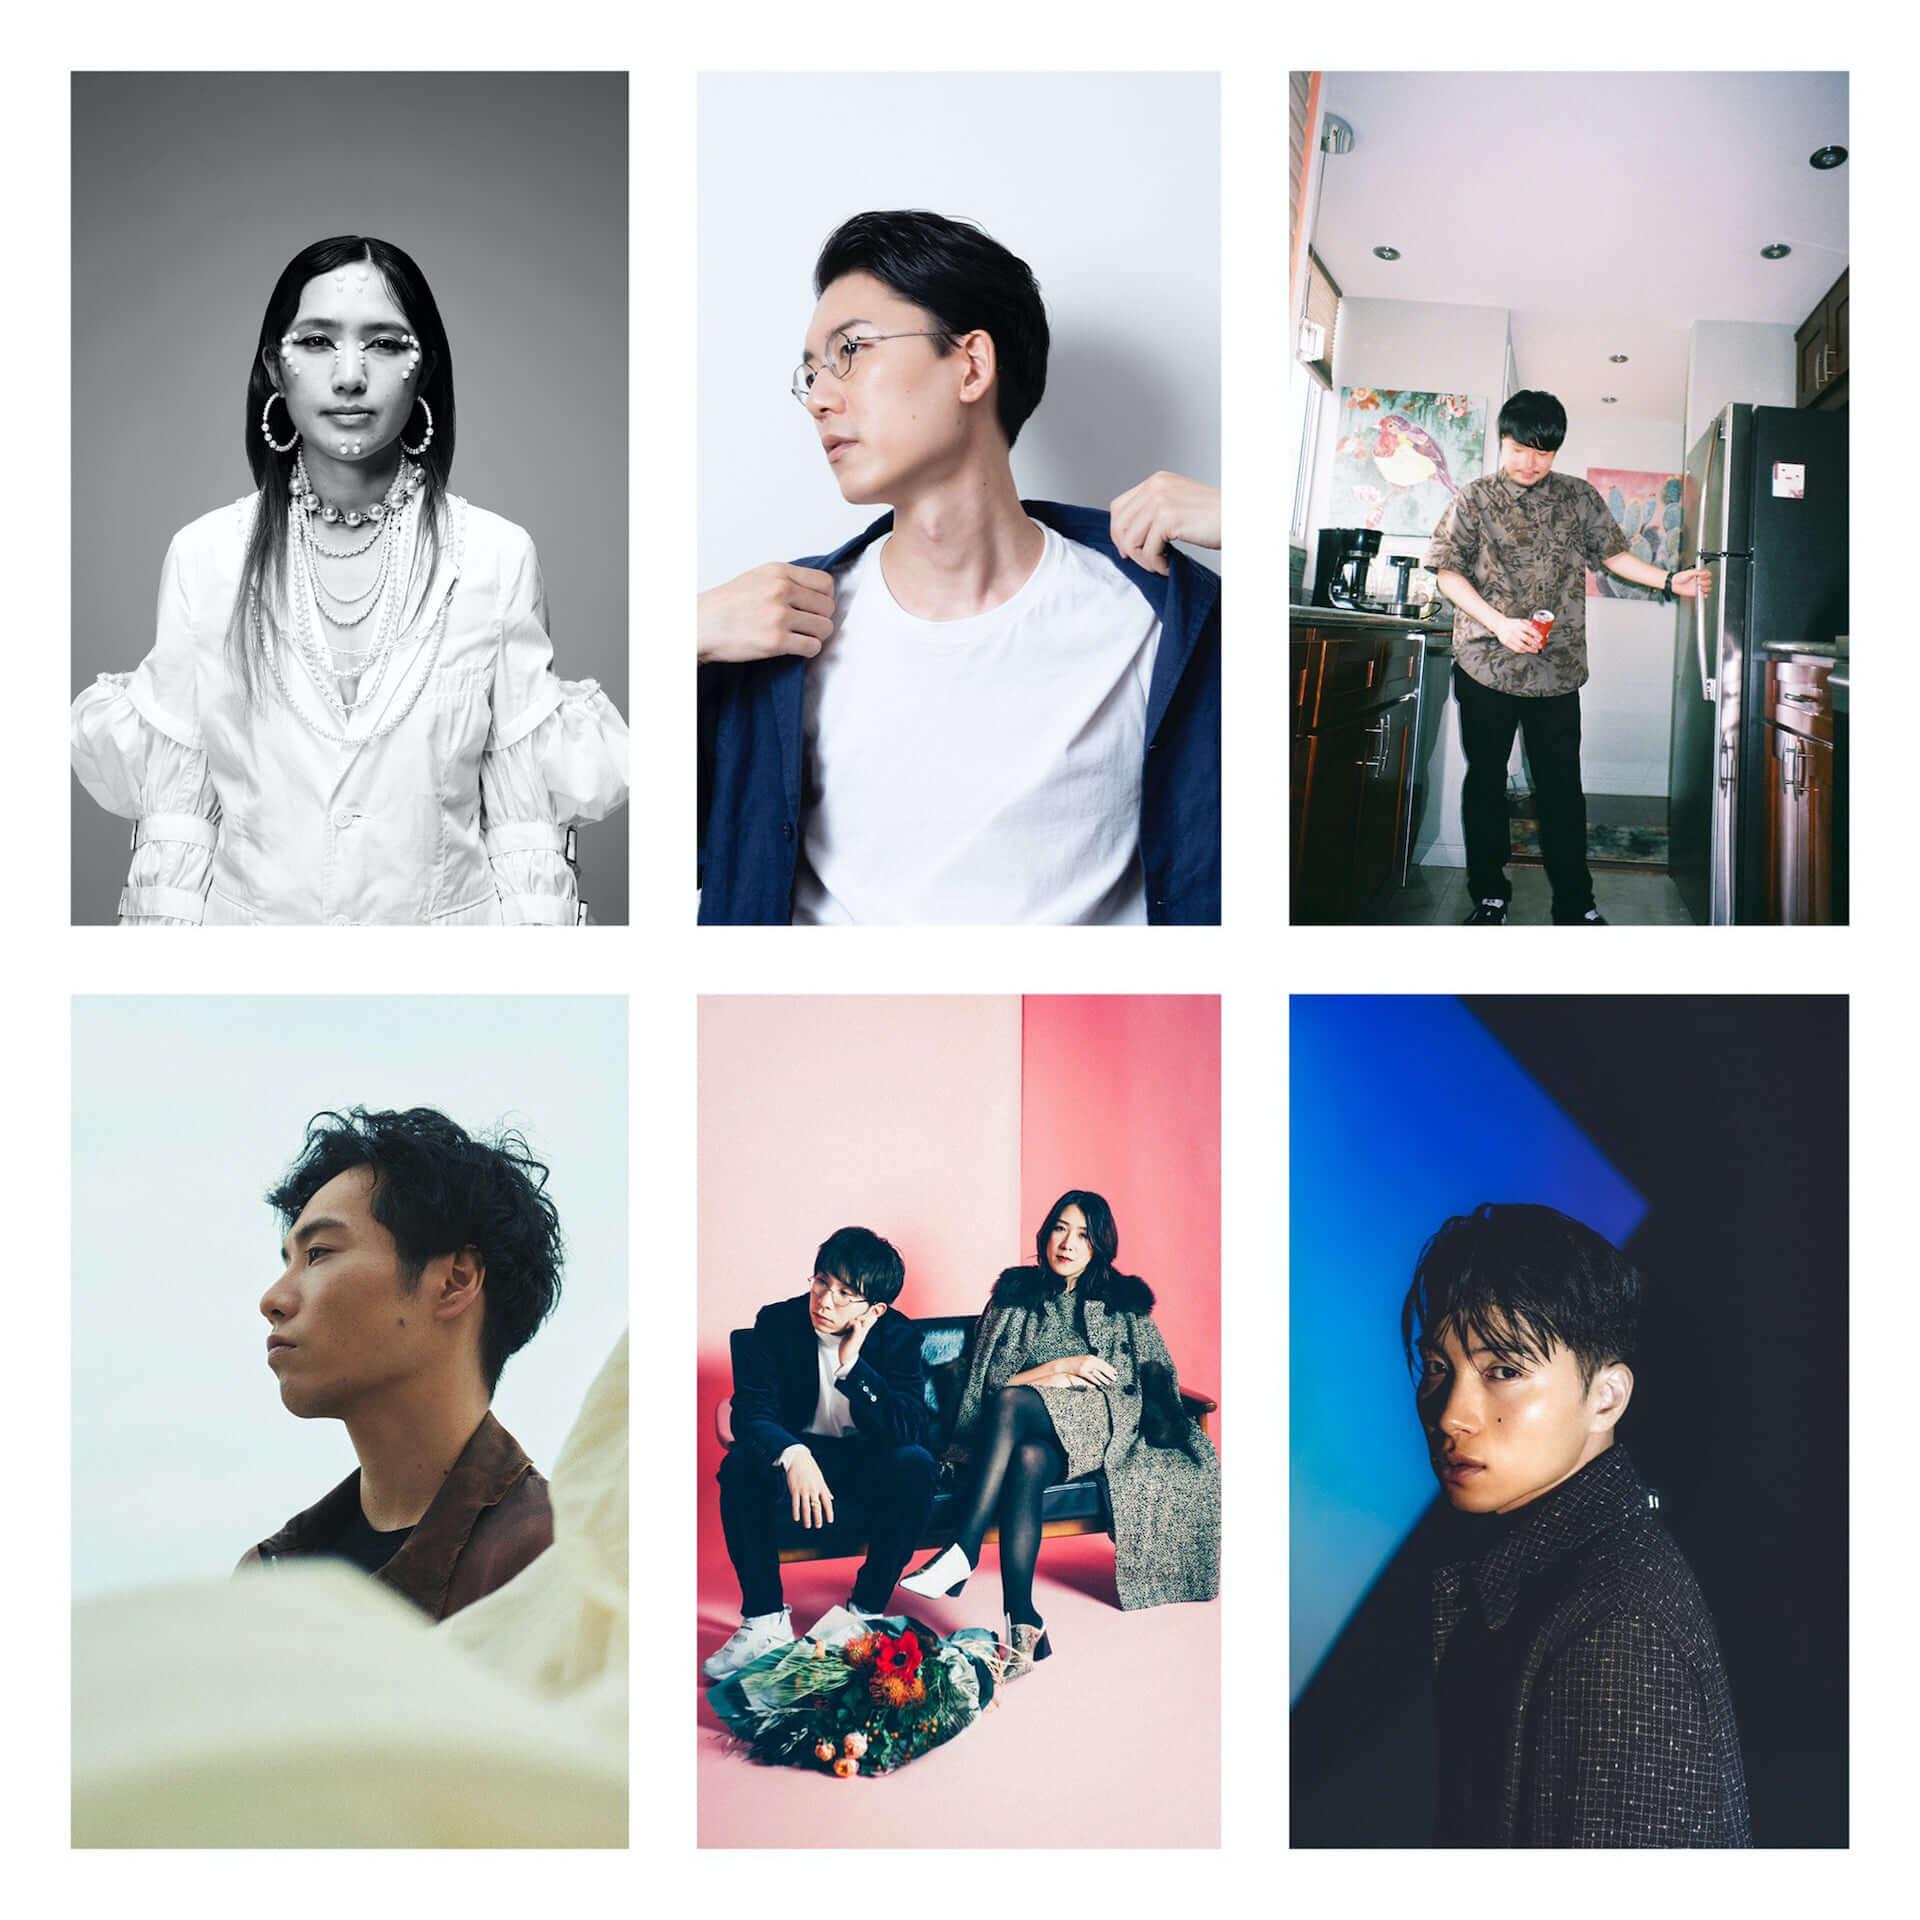 """Shin SakiuraがBASIを迎えた新曲""""komorebi""""をリリース!ワンマンライブにはSIRUP、AAAMYYY、Ryohu、maco maretsらが参加決定 music201021_shinsakiura_3-1920x1920"""